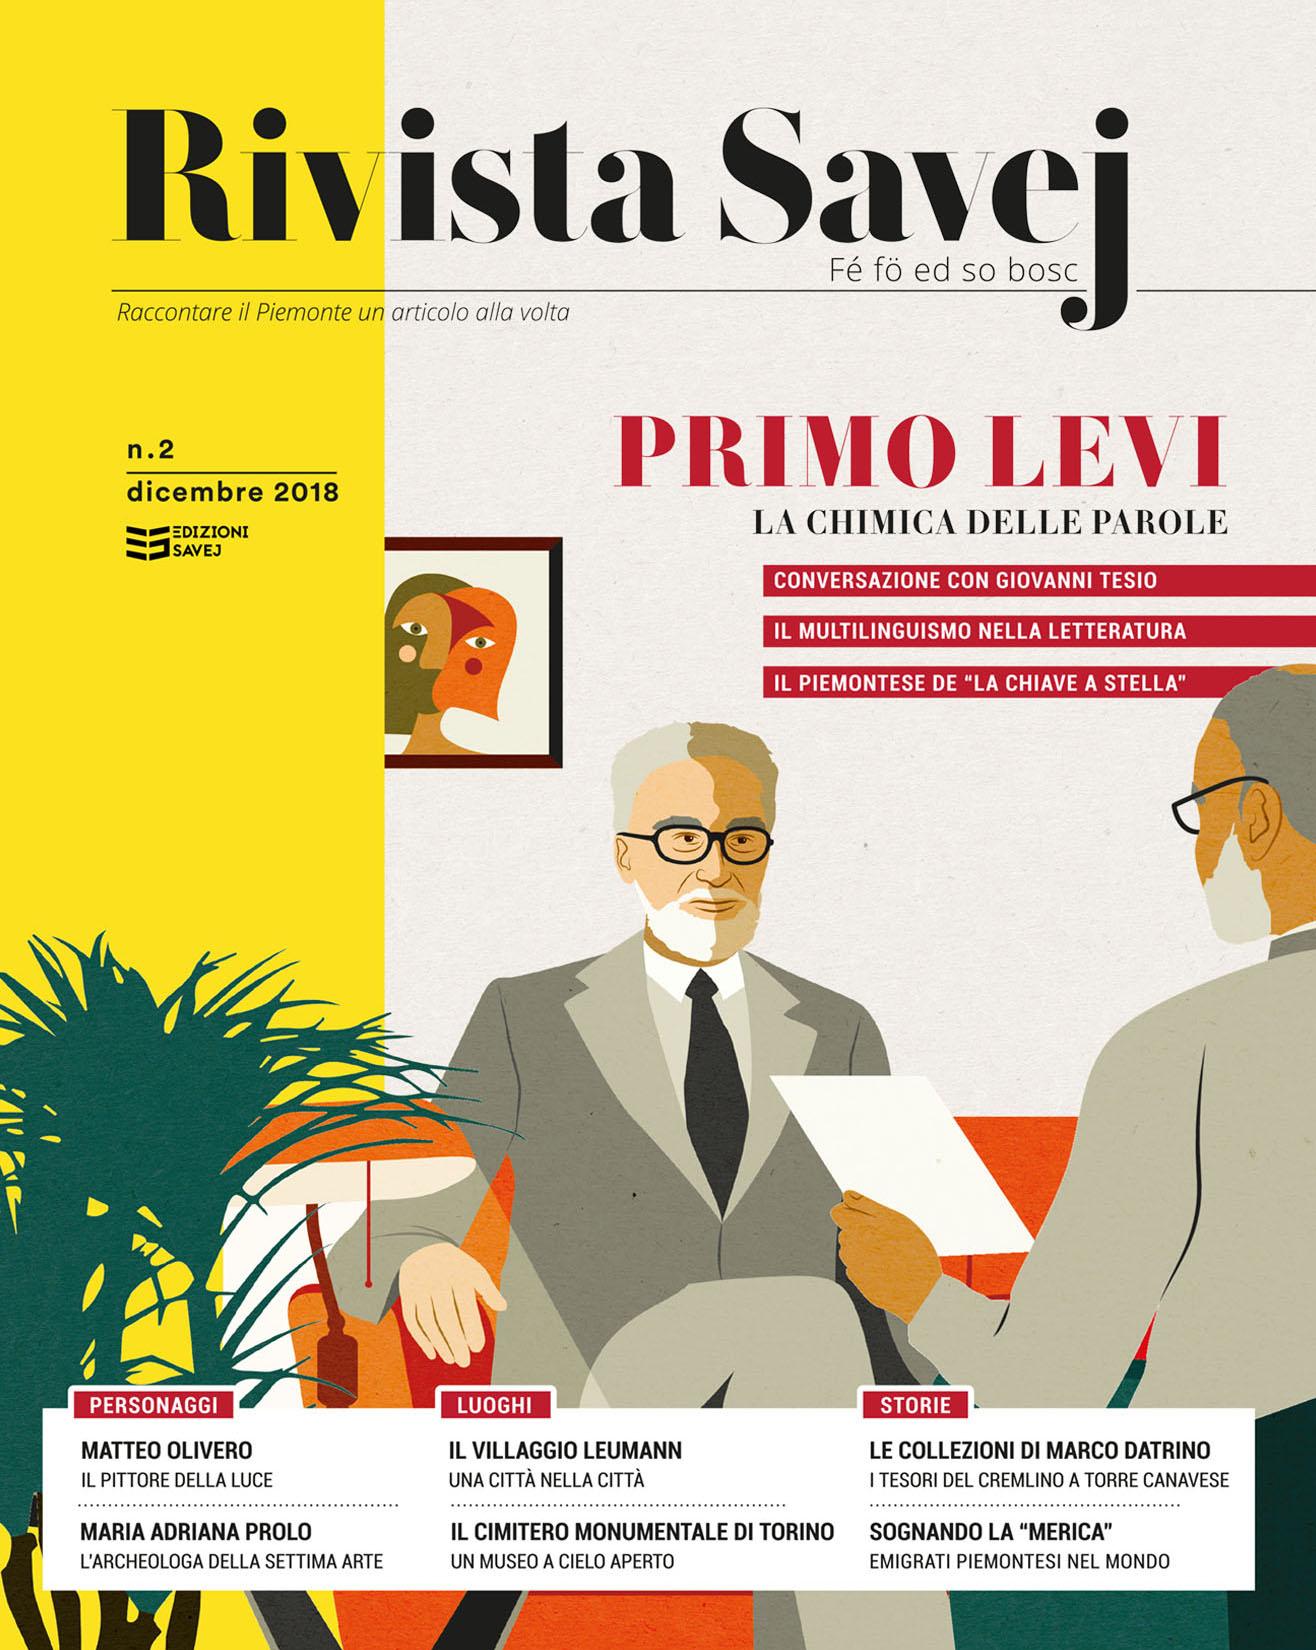 Copertina-rivista-savej-numero-2-per-sito